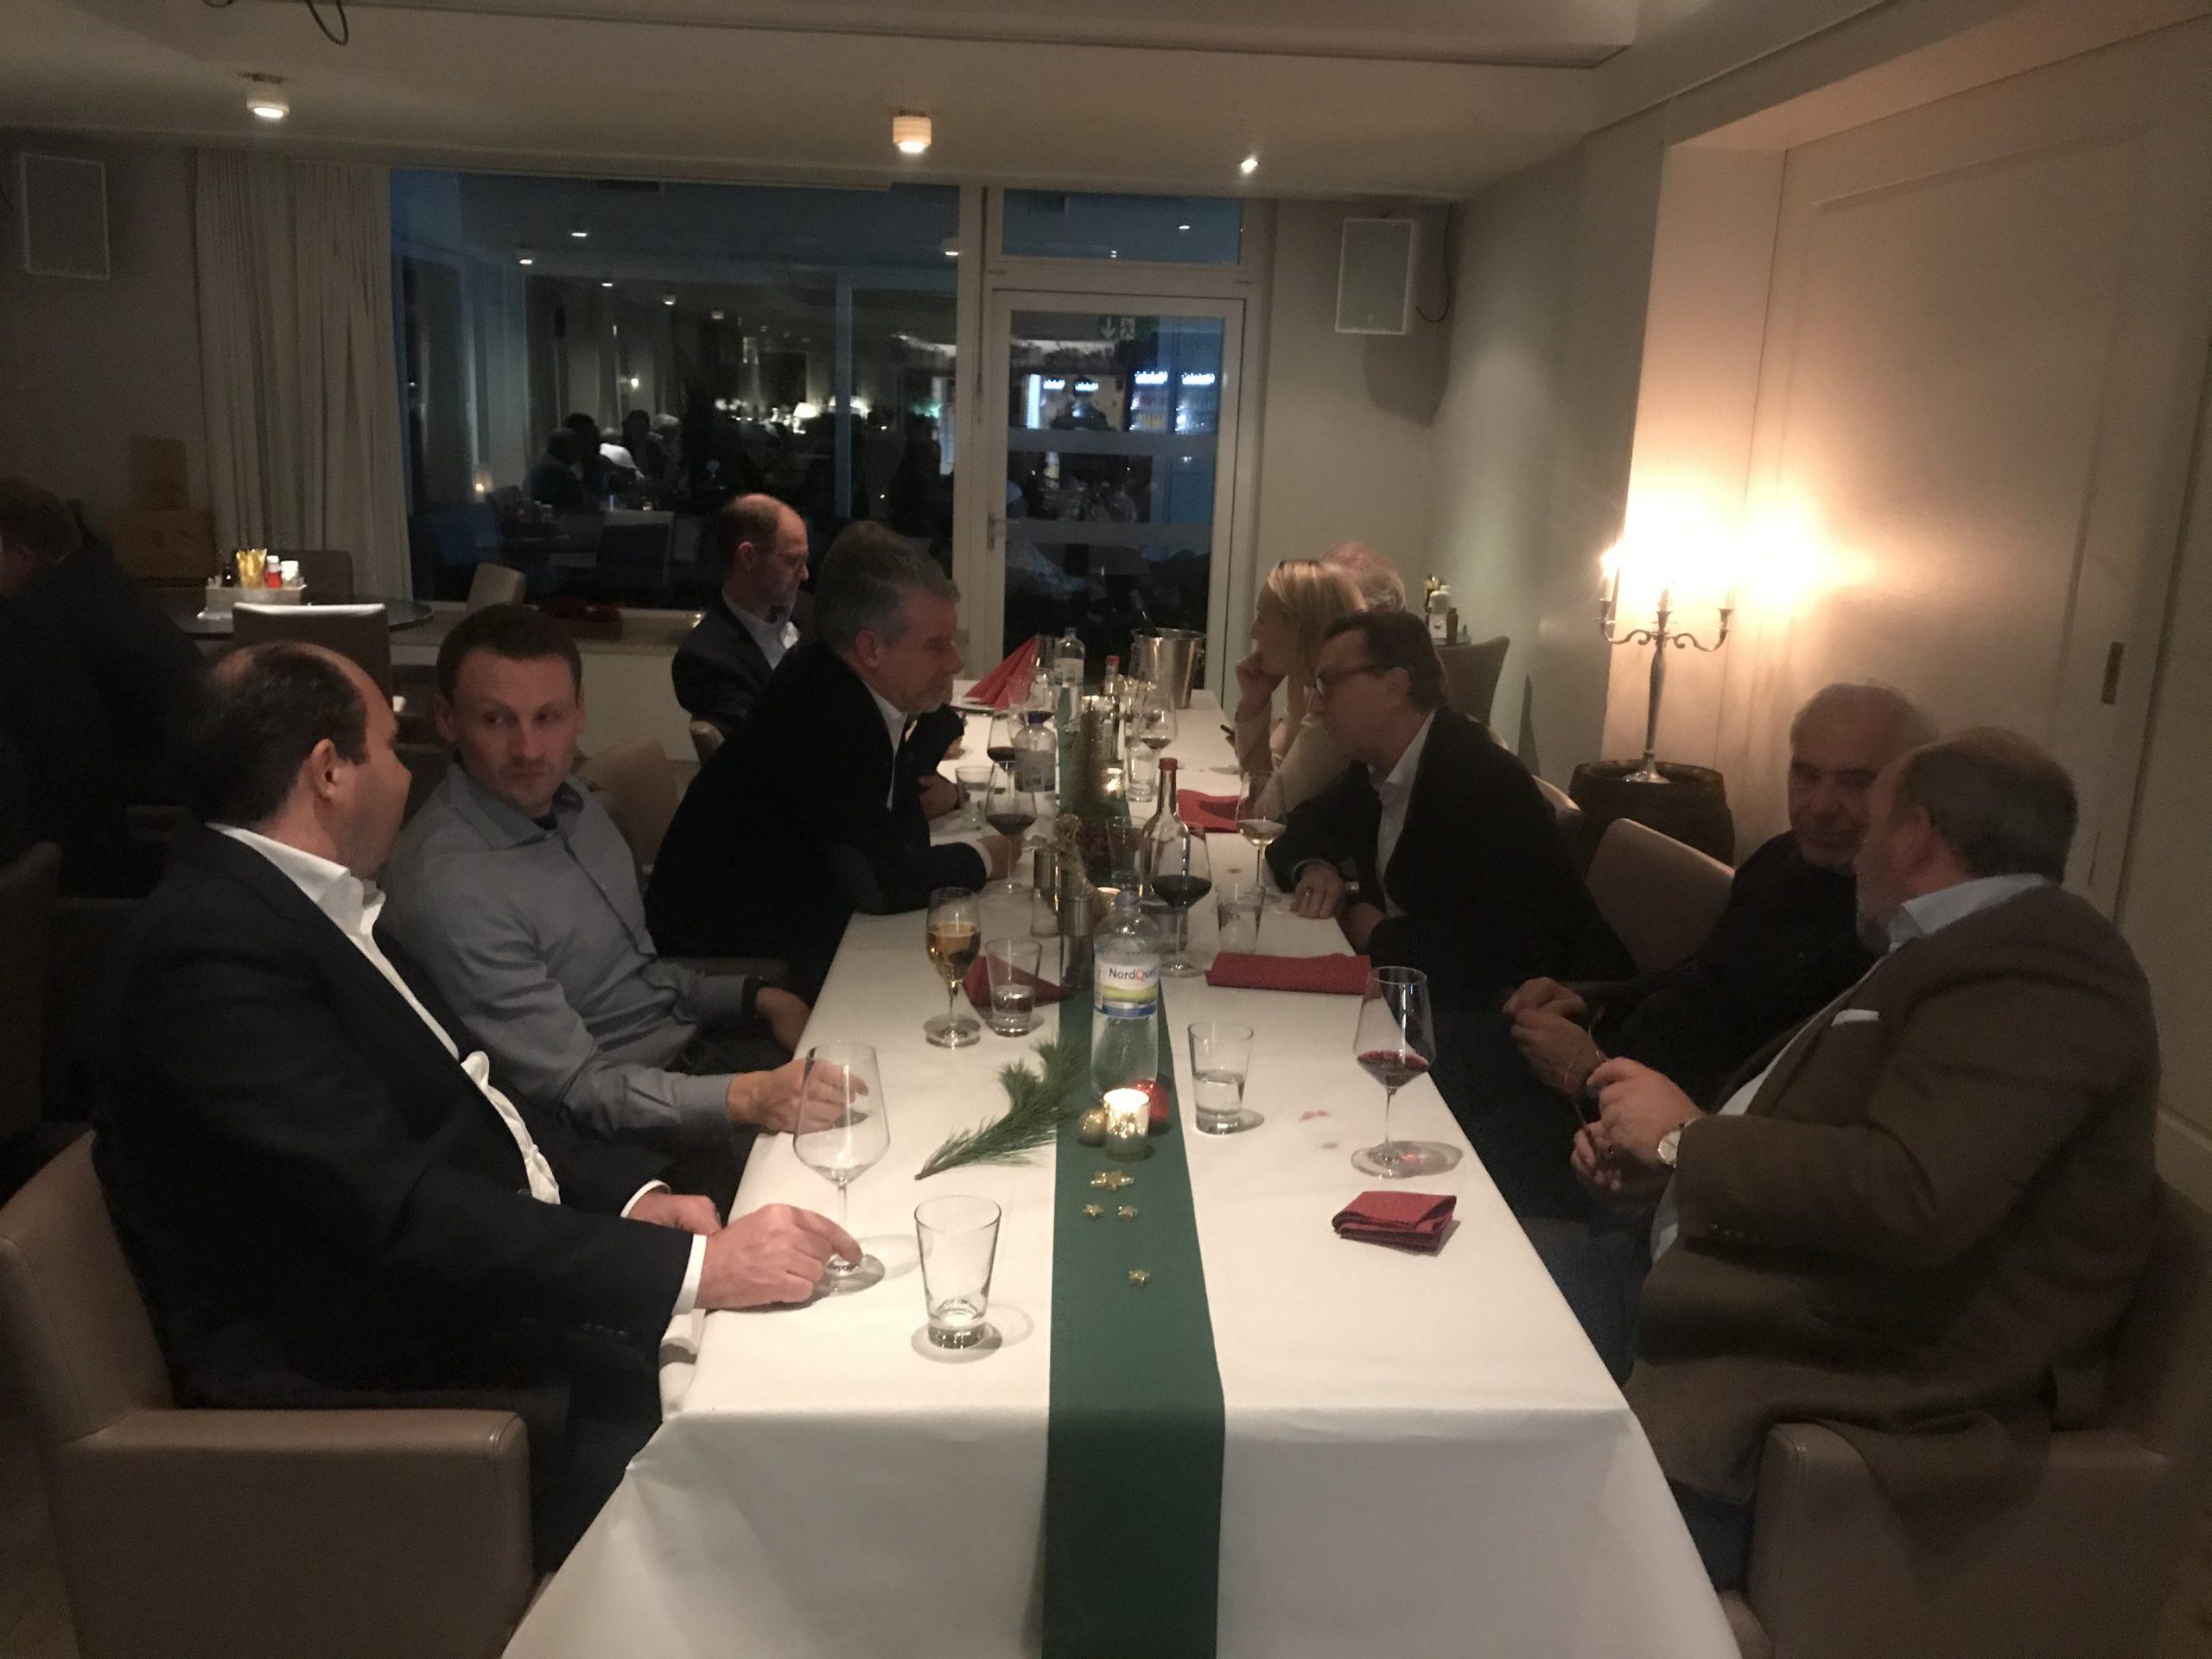 Am 11.12.2019 trafen wir uns zu unserer Weihnachtsfeier im HTHC Clubhaus. Beim Gänse-Essen gab es tolle Gespräche, ein wenig Jahresrückblick und leckeren Rotwein. Ein gutes erstes Jahr im HTHC Businessclub neigte sich dem Ende